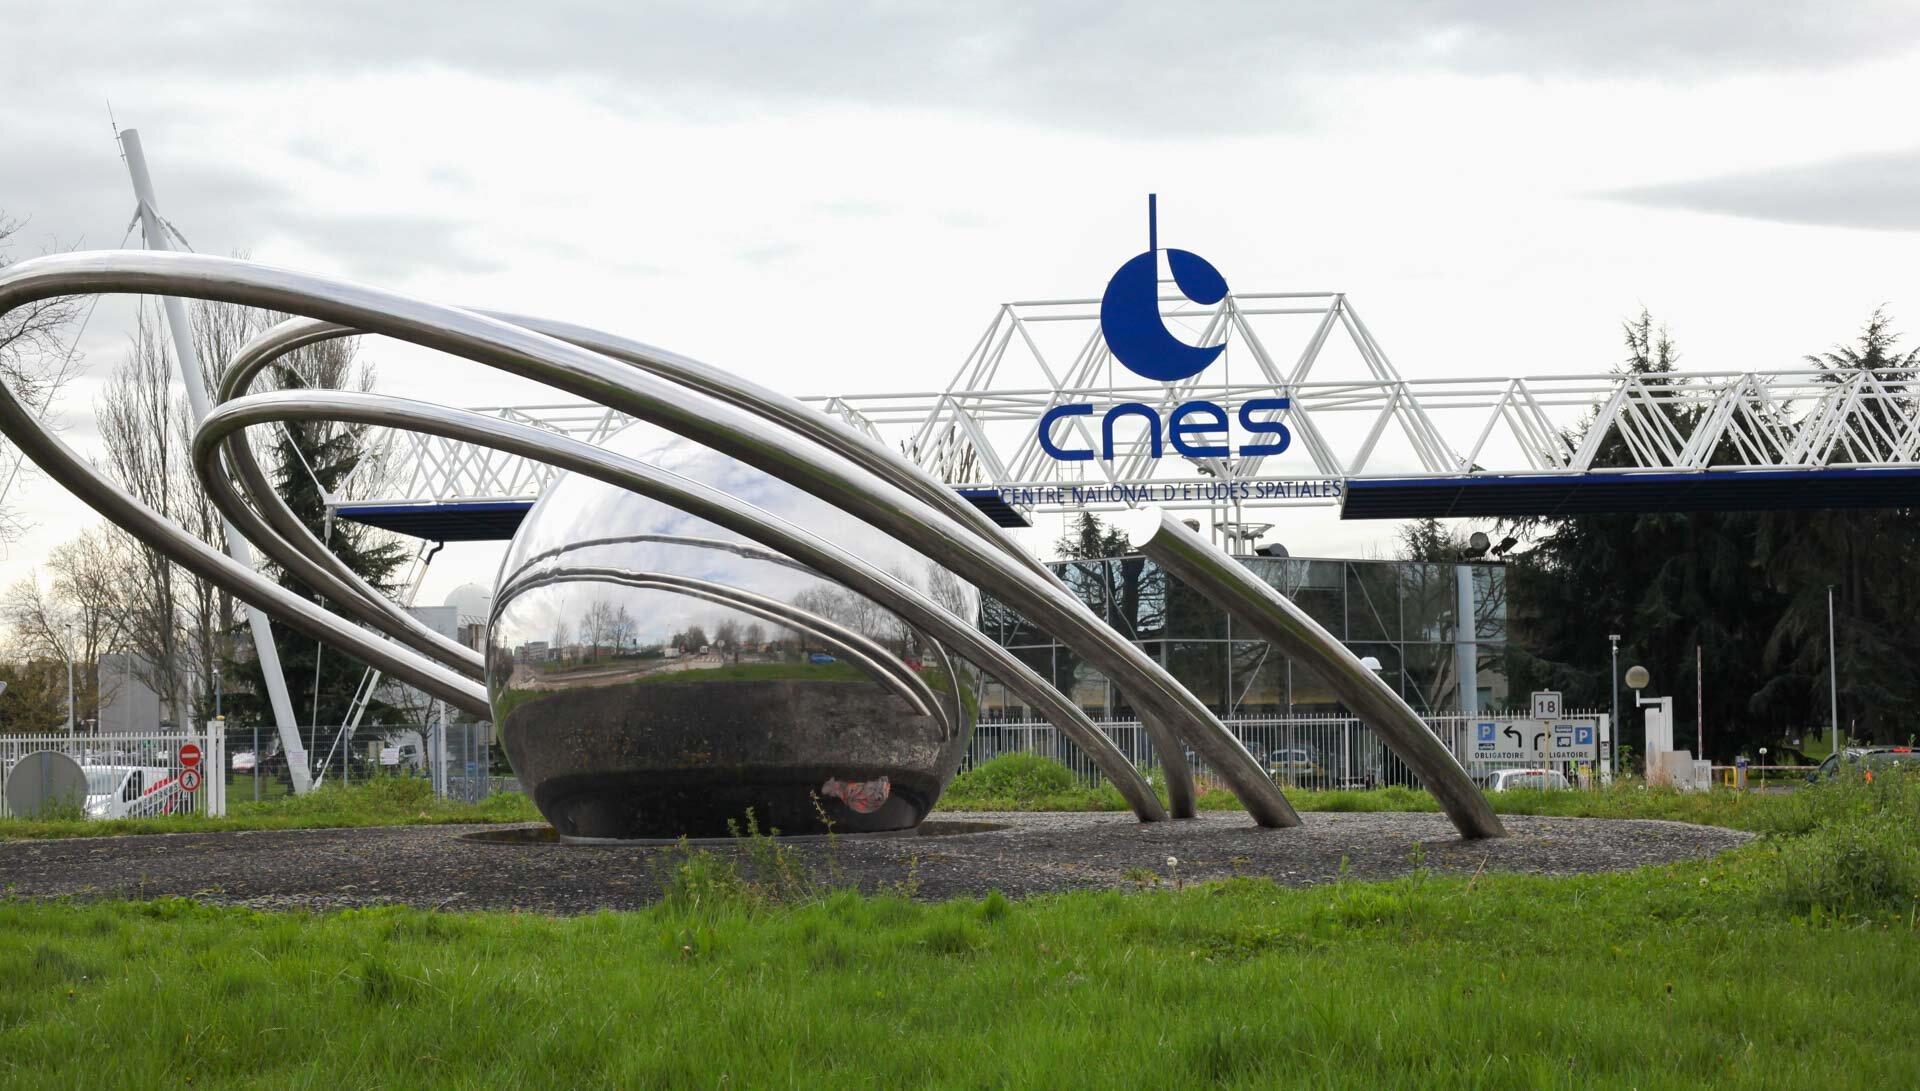 Entrée du CNES : Centre National d'Études Spatiales.